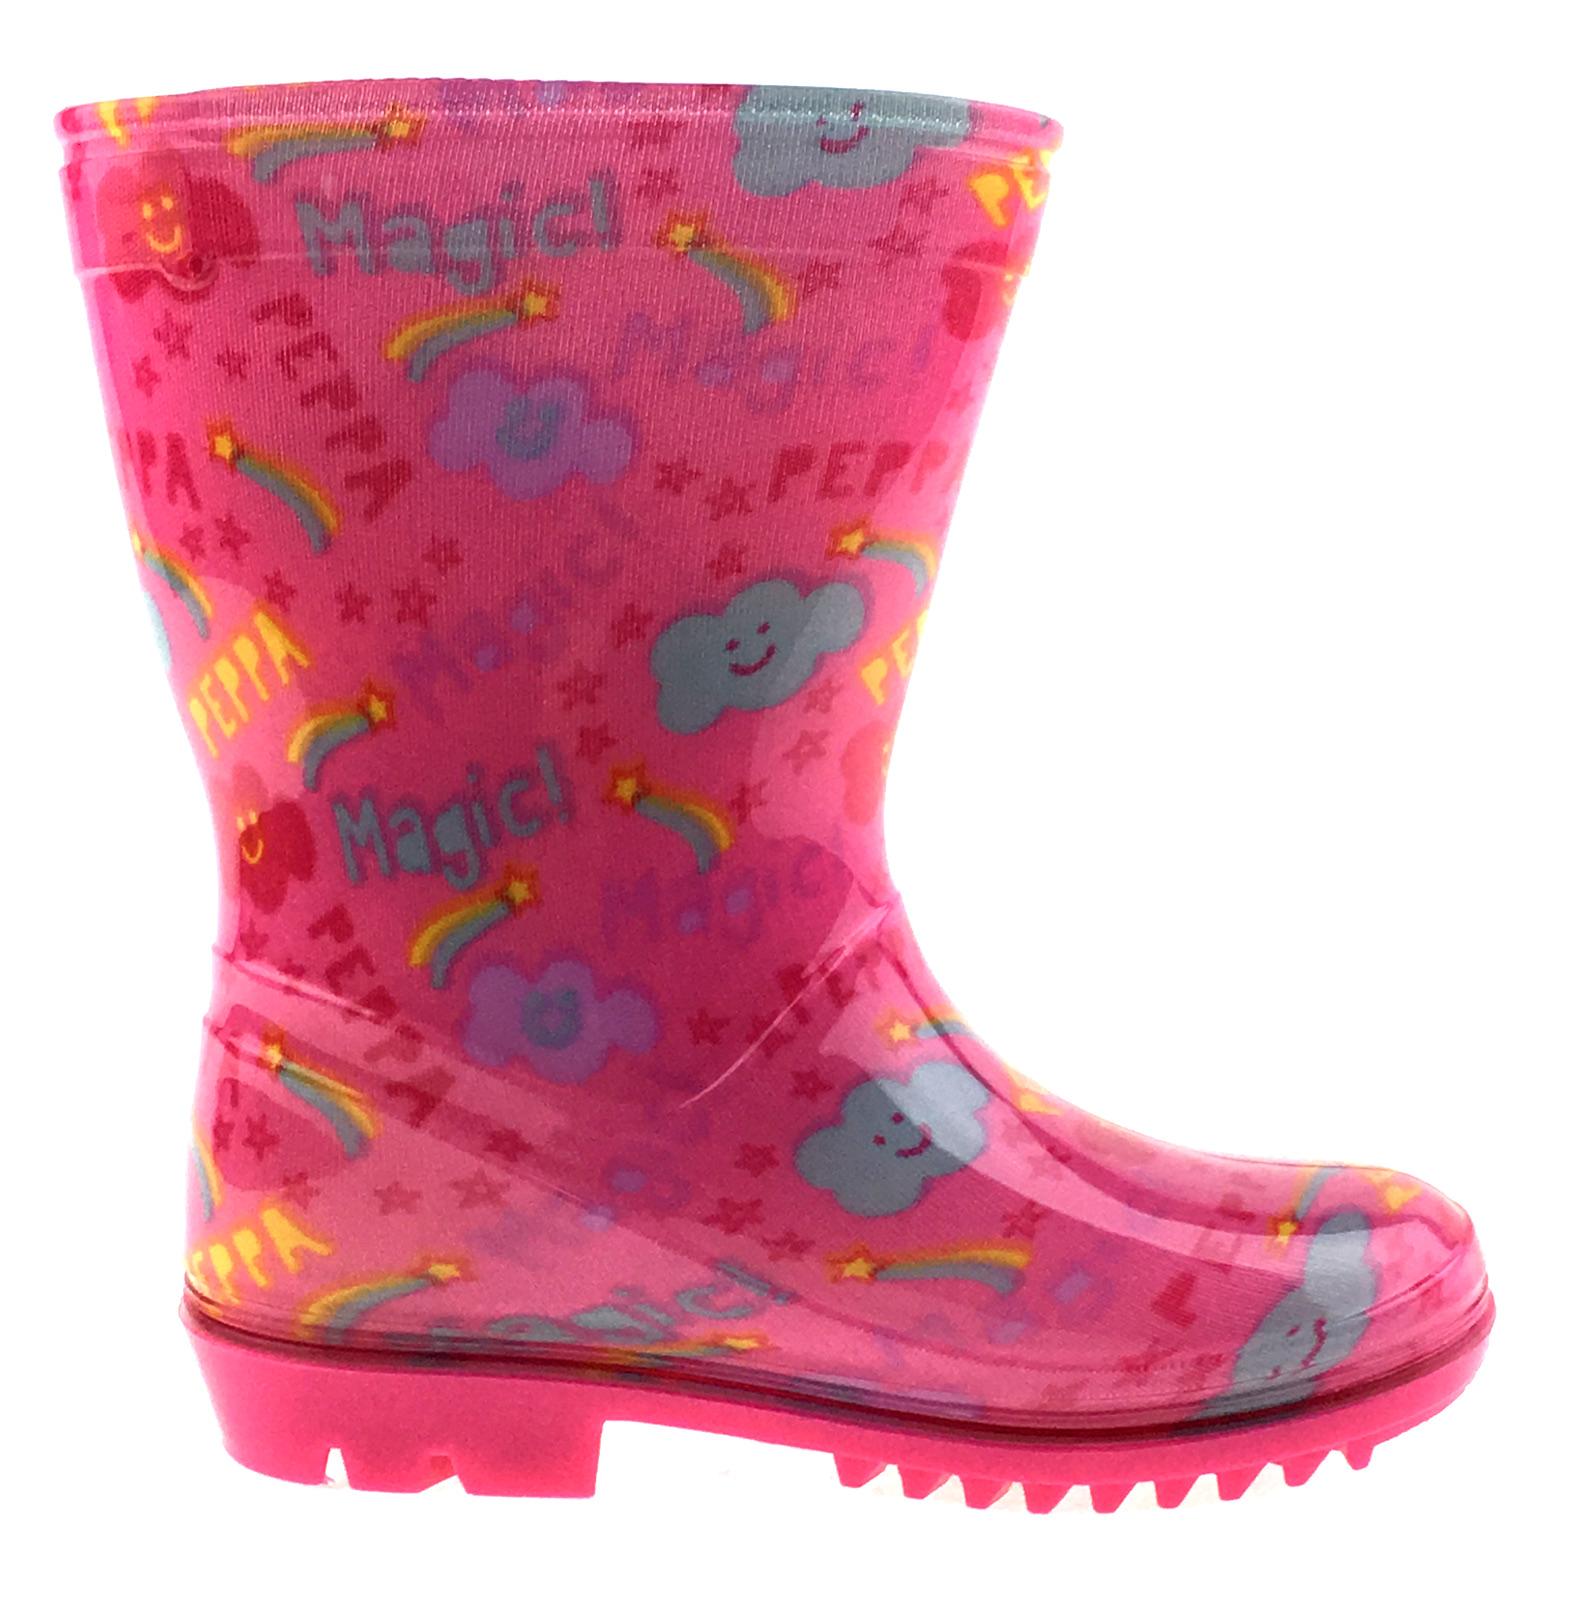 Girls-Peppa-Pig-Wellington-Boots-Mid-Calf-Gitter-Snow-Rain-Wellies-Kids-Size Indexbild 37